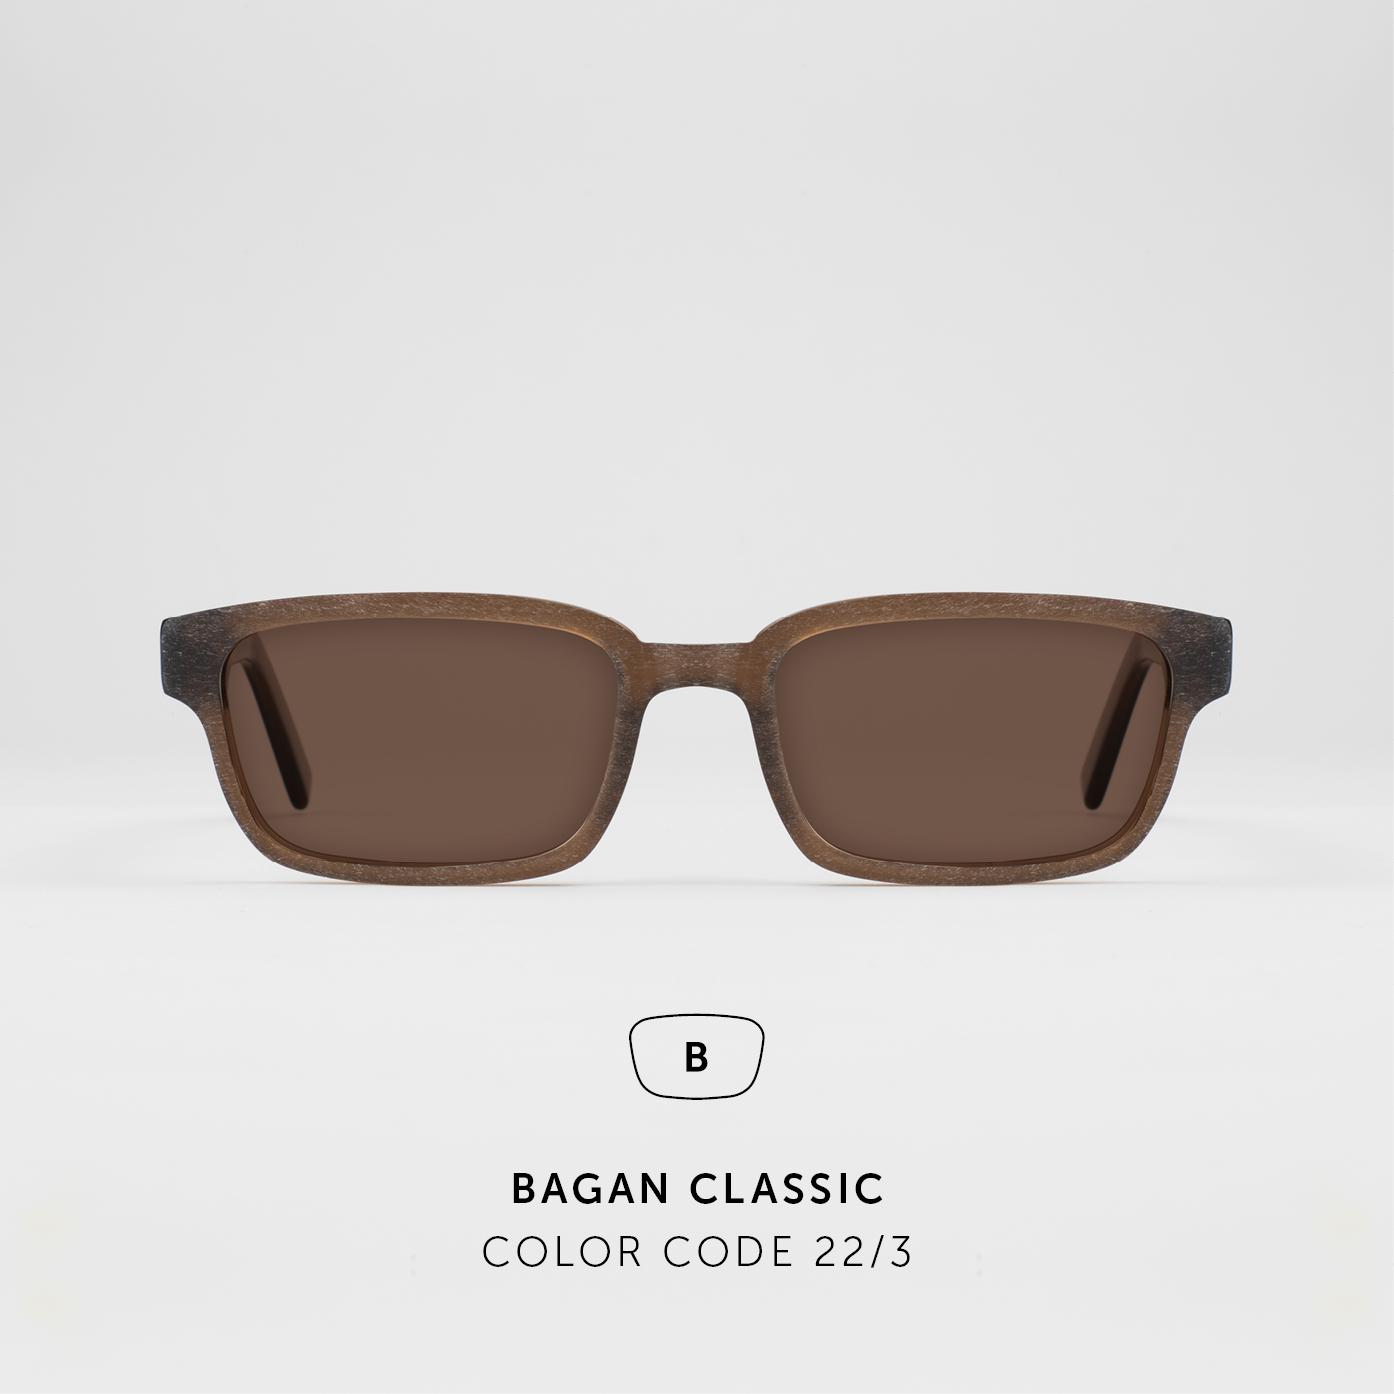 BaganClassic50.jpg